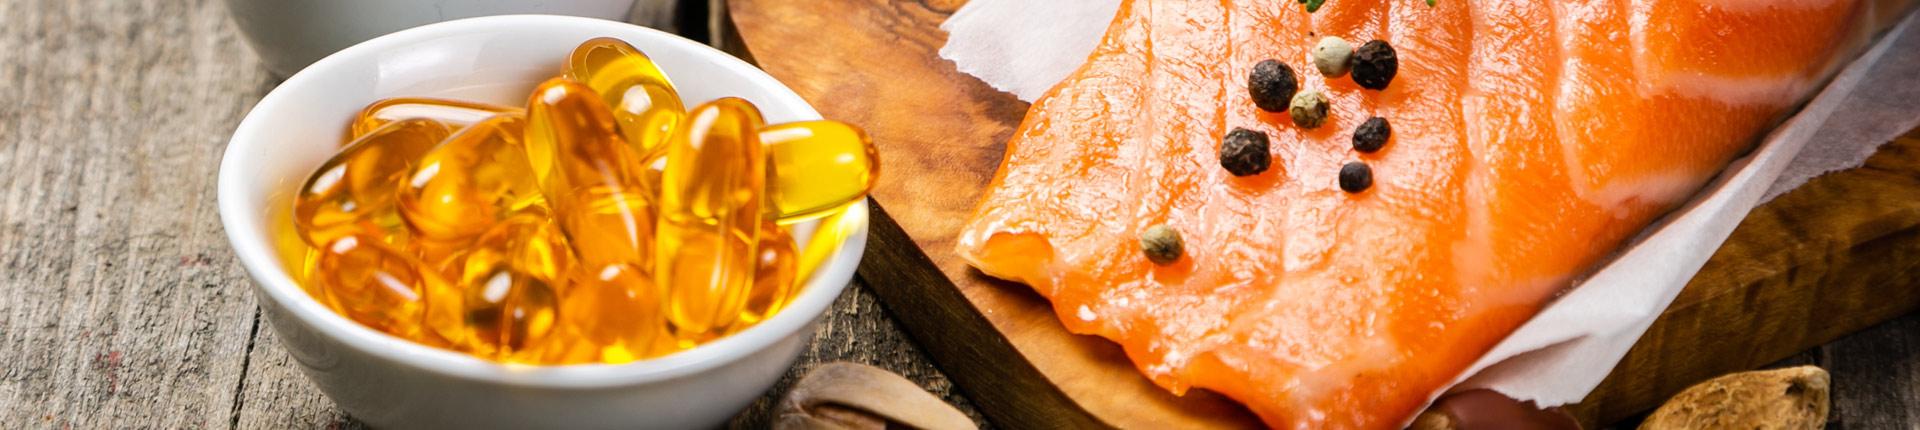 9 składników odżywczych, których wraz z wiekiem potrzebujeszwięcej